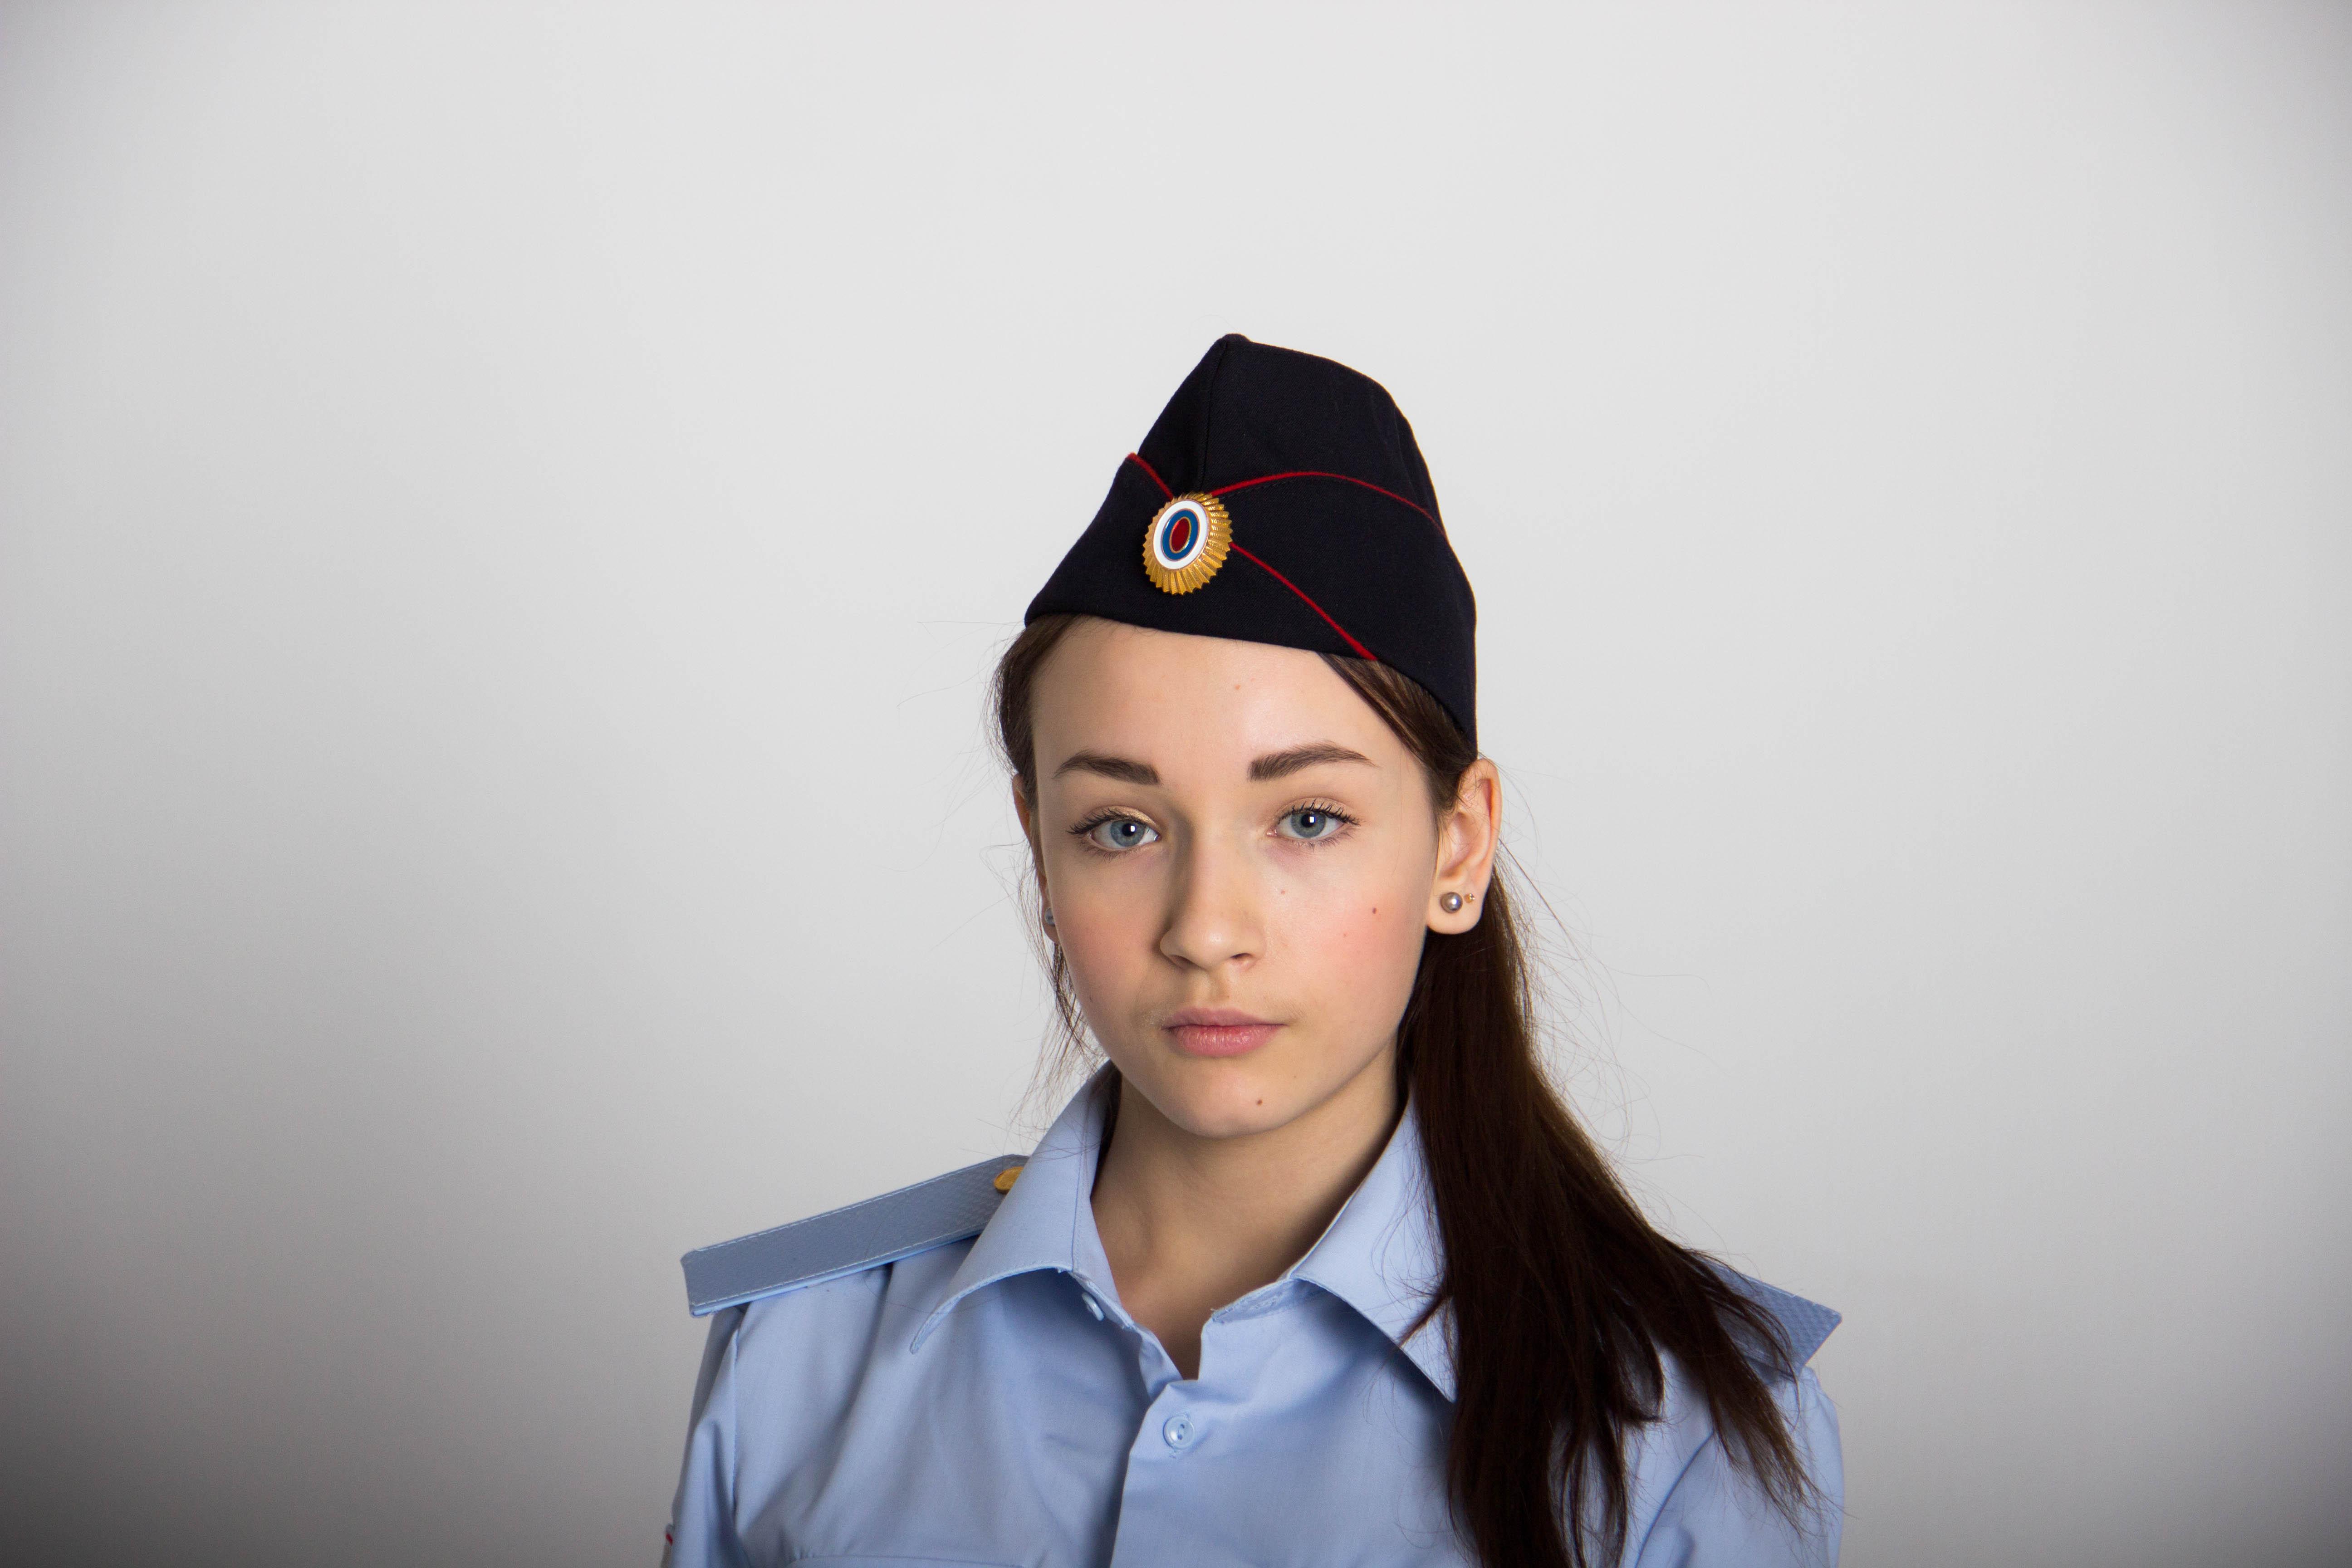 Женская пилотка фото, попы девушек в облегающей юбке